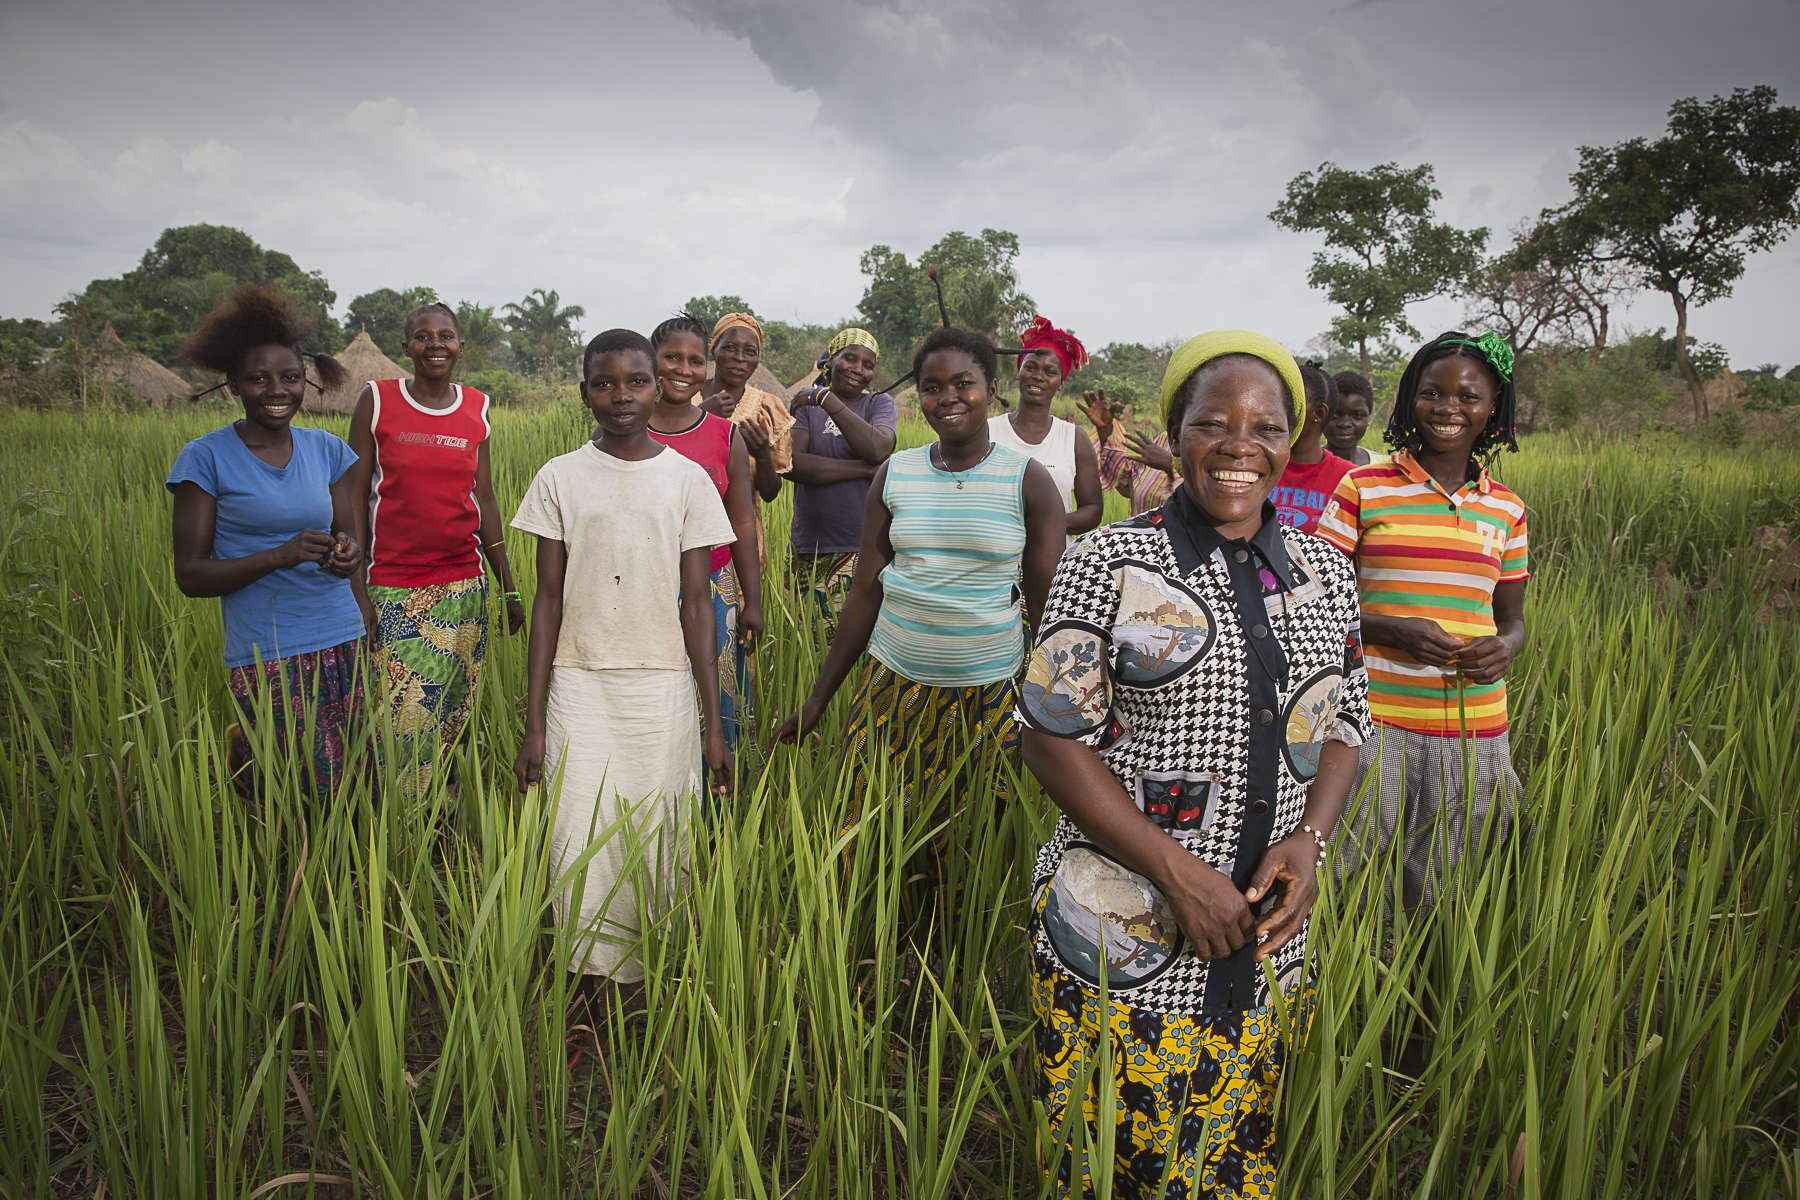 RDC, mai 2014. Soeur Angélique Namaika lauréate du Prix Hansel de l'UNHCR pour son action auprès des femmes du nord de la RDC à Dungu.CRD,May 2014. Sister Angélique Namaika winner of the Hansel price of the UNHCR for her dedication to help women victim of war in the north of the DRC, in Dungu.